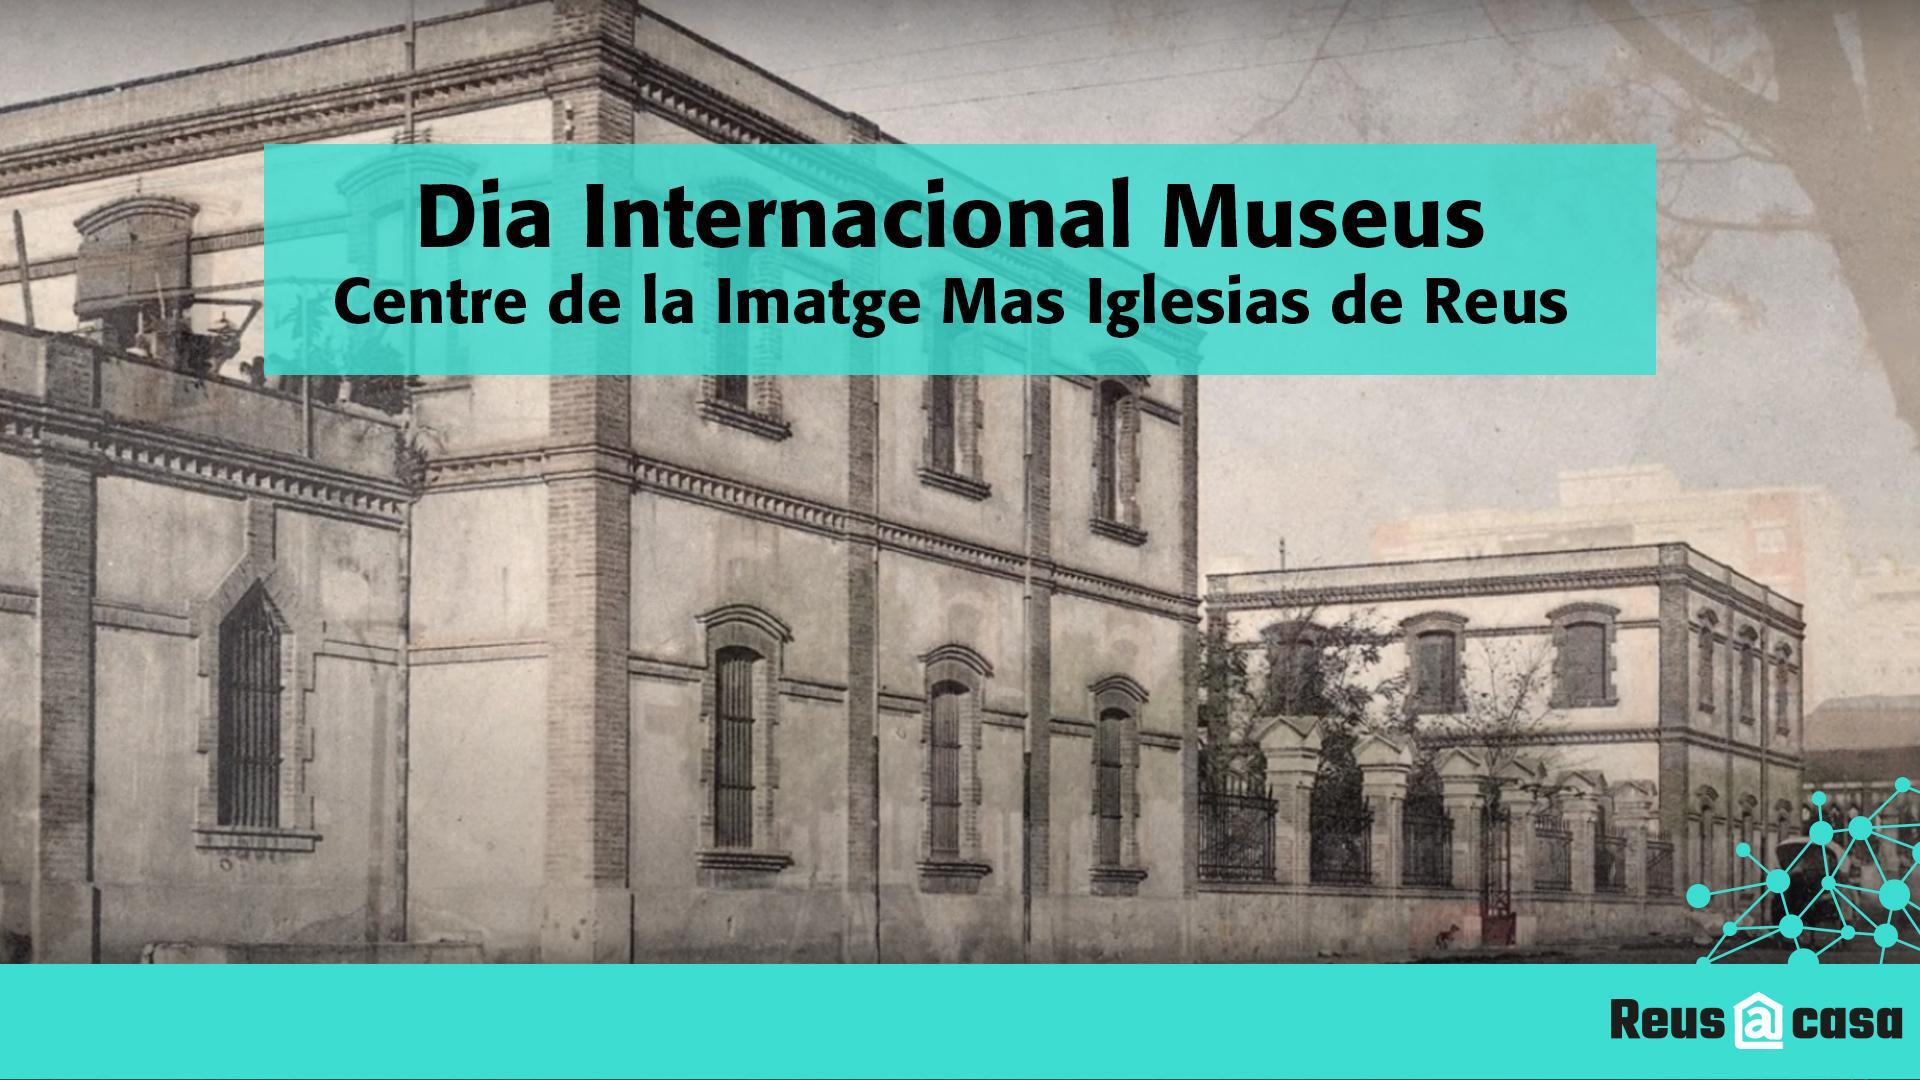 Dia Internacional dels Museus: Centre de la Imatge Mas Iglesias de Reus. Treball de refotografia Museu de Reus